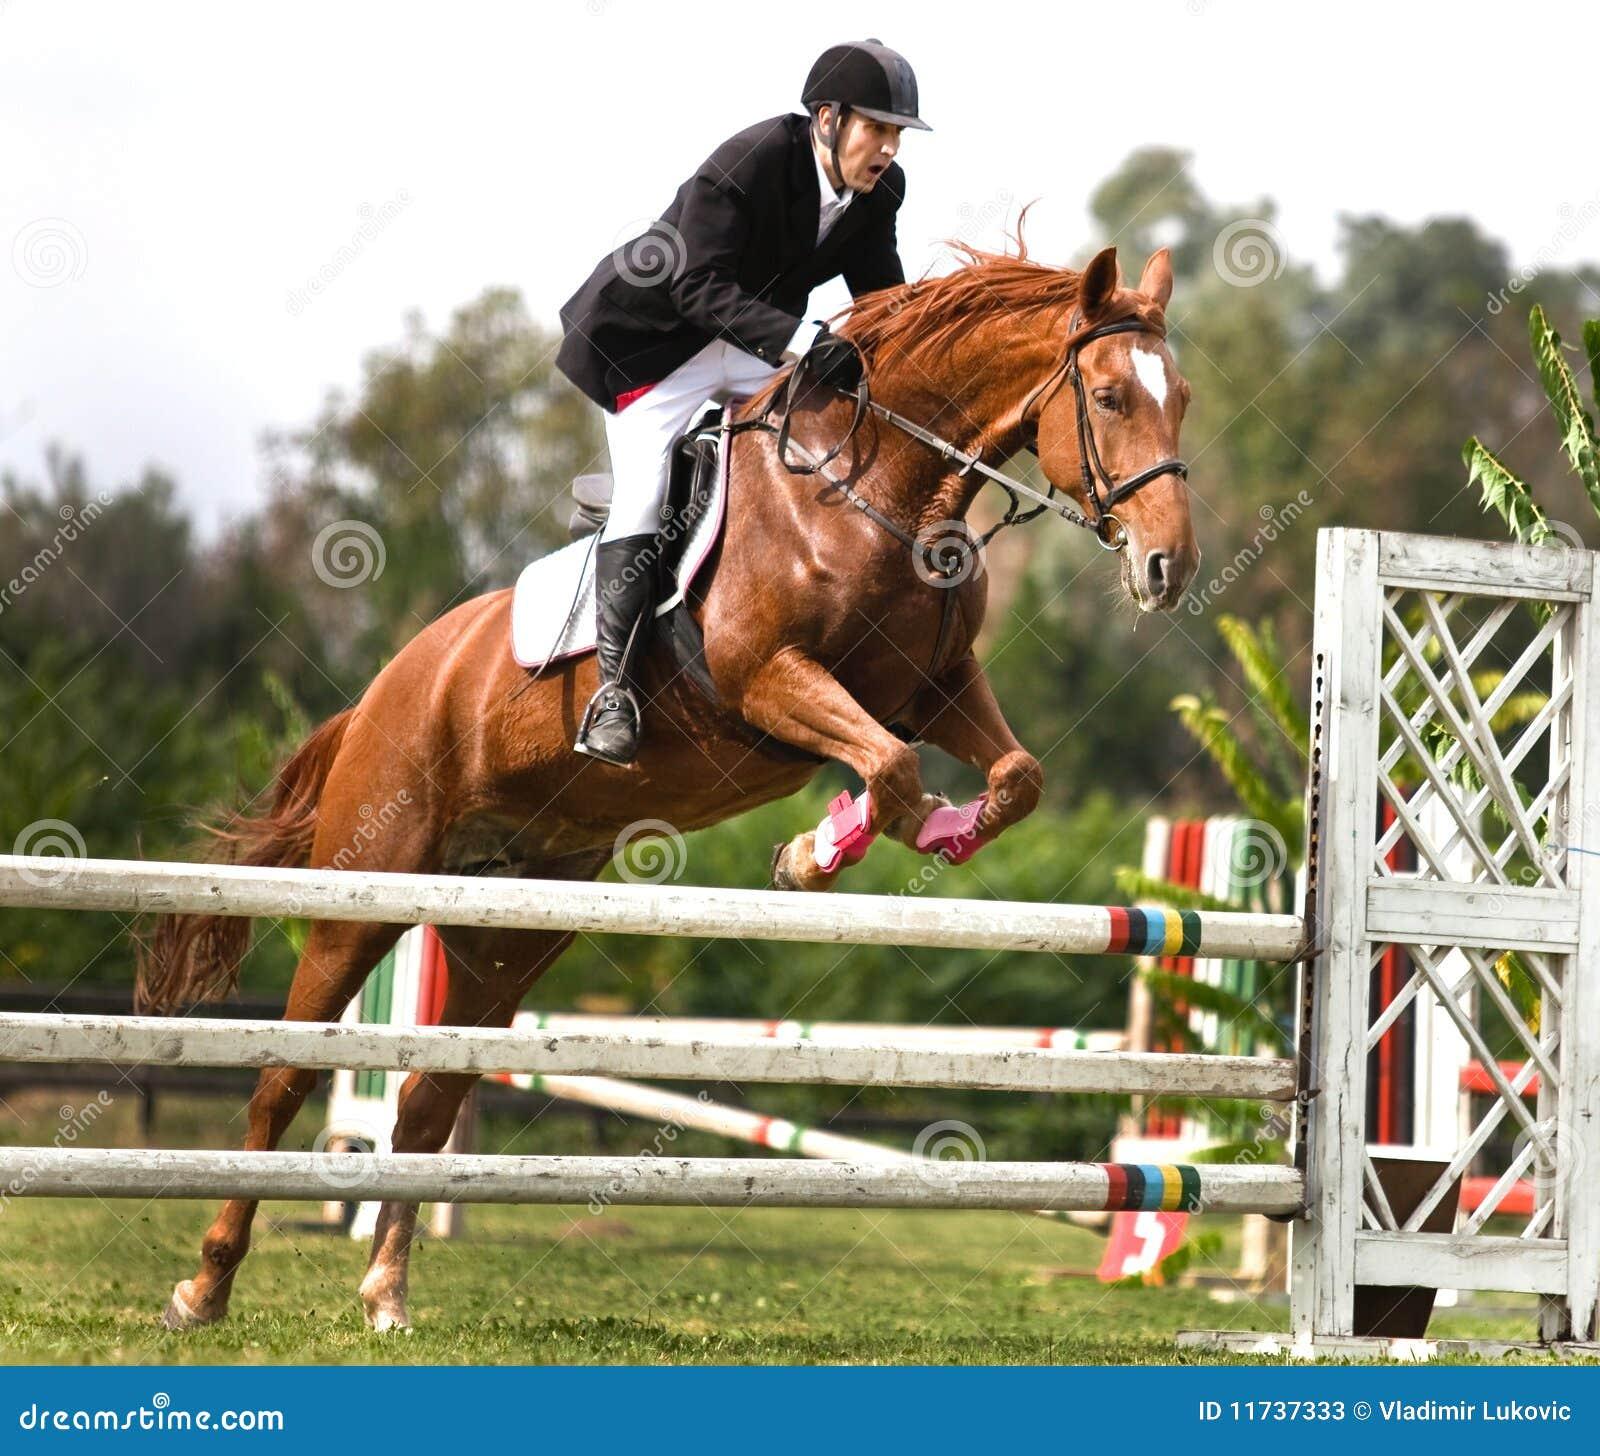 salto men Strakt salto – udføres på samme måde som en hoftebøjet og lukket salto, men her ligger man helt strakt i luften fra start til slut.